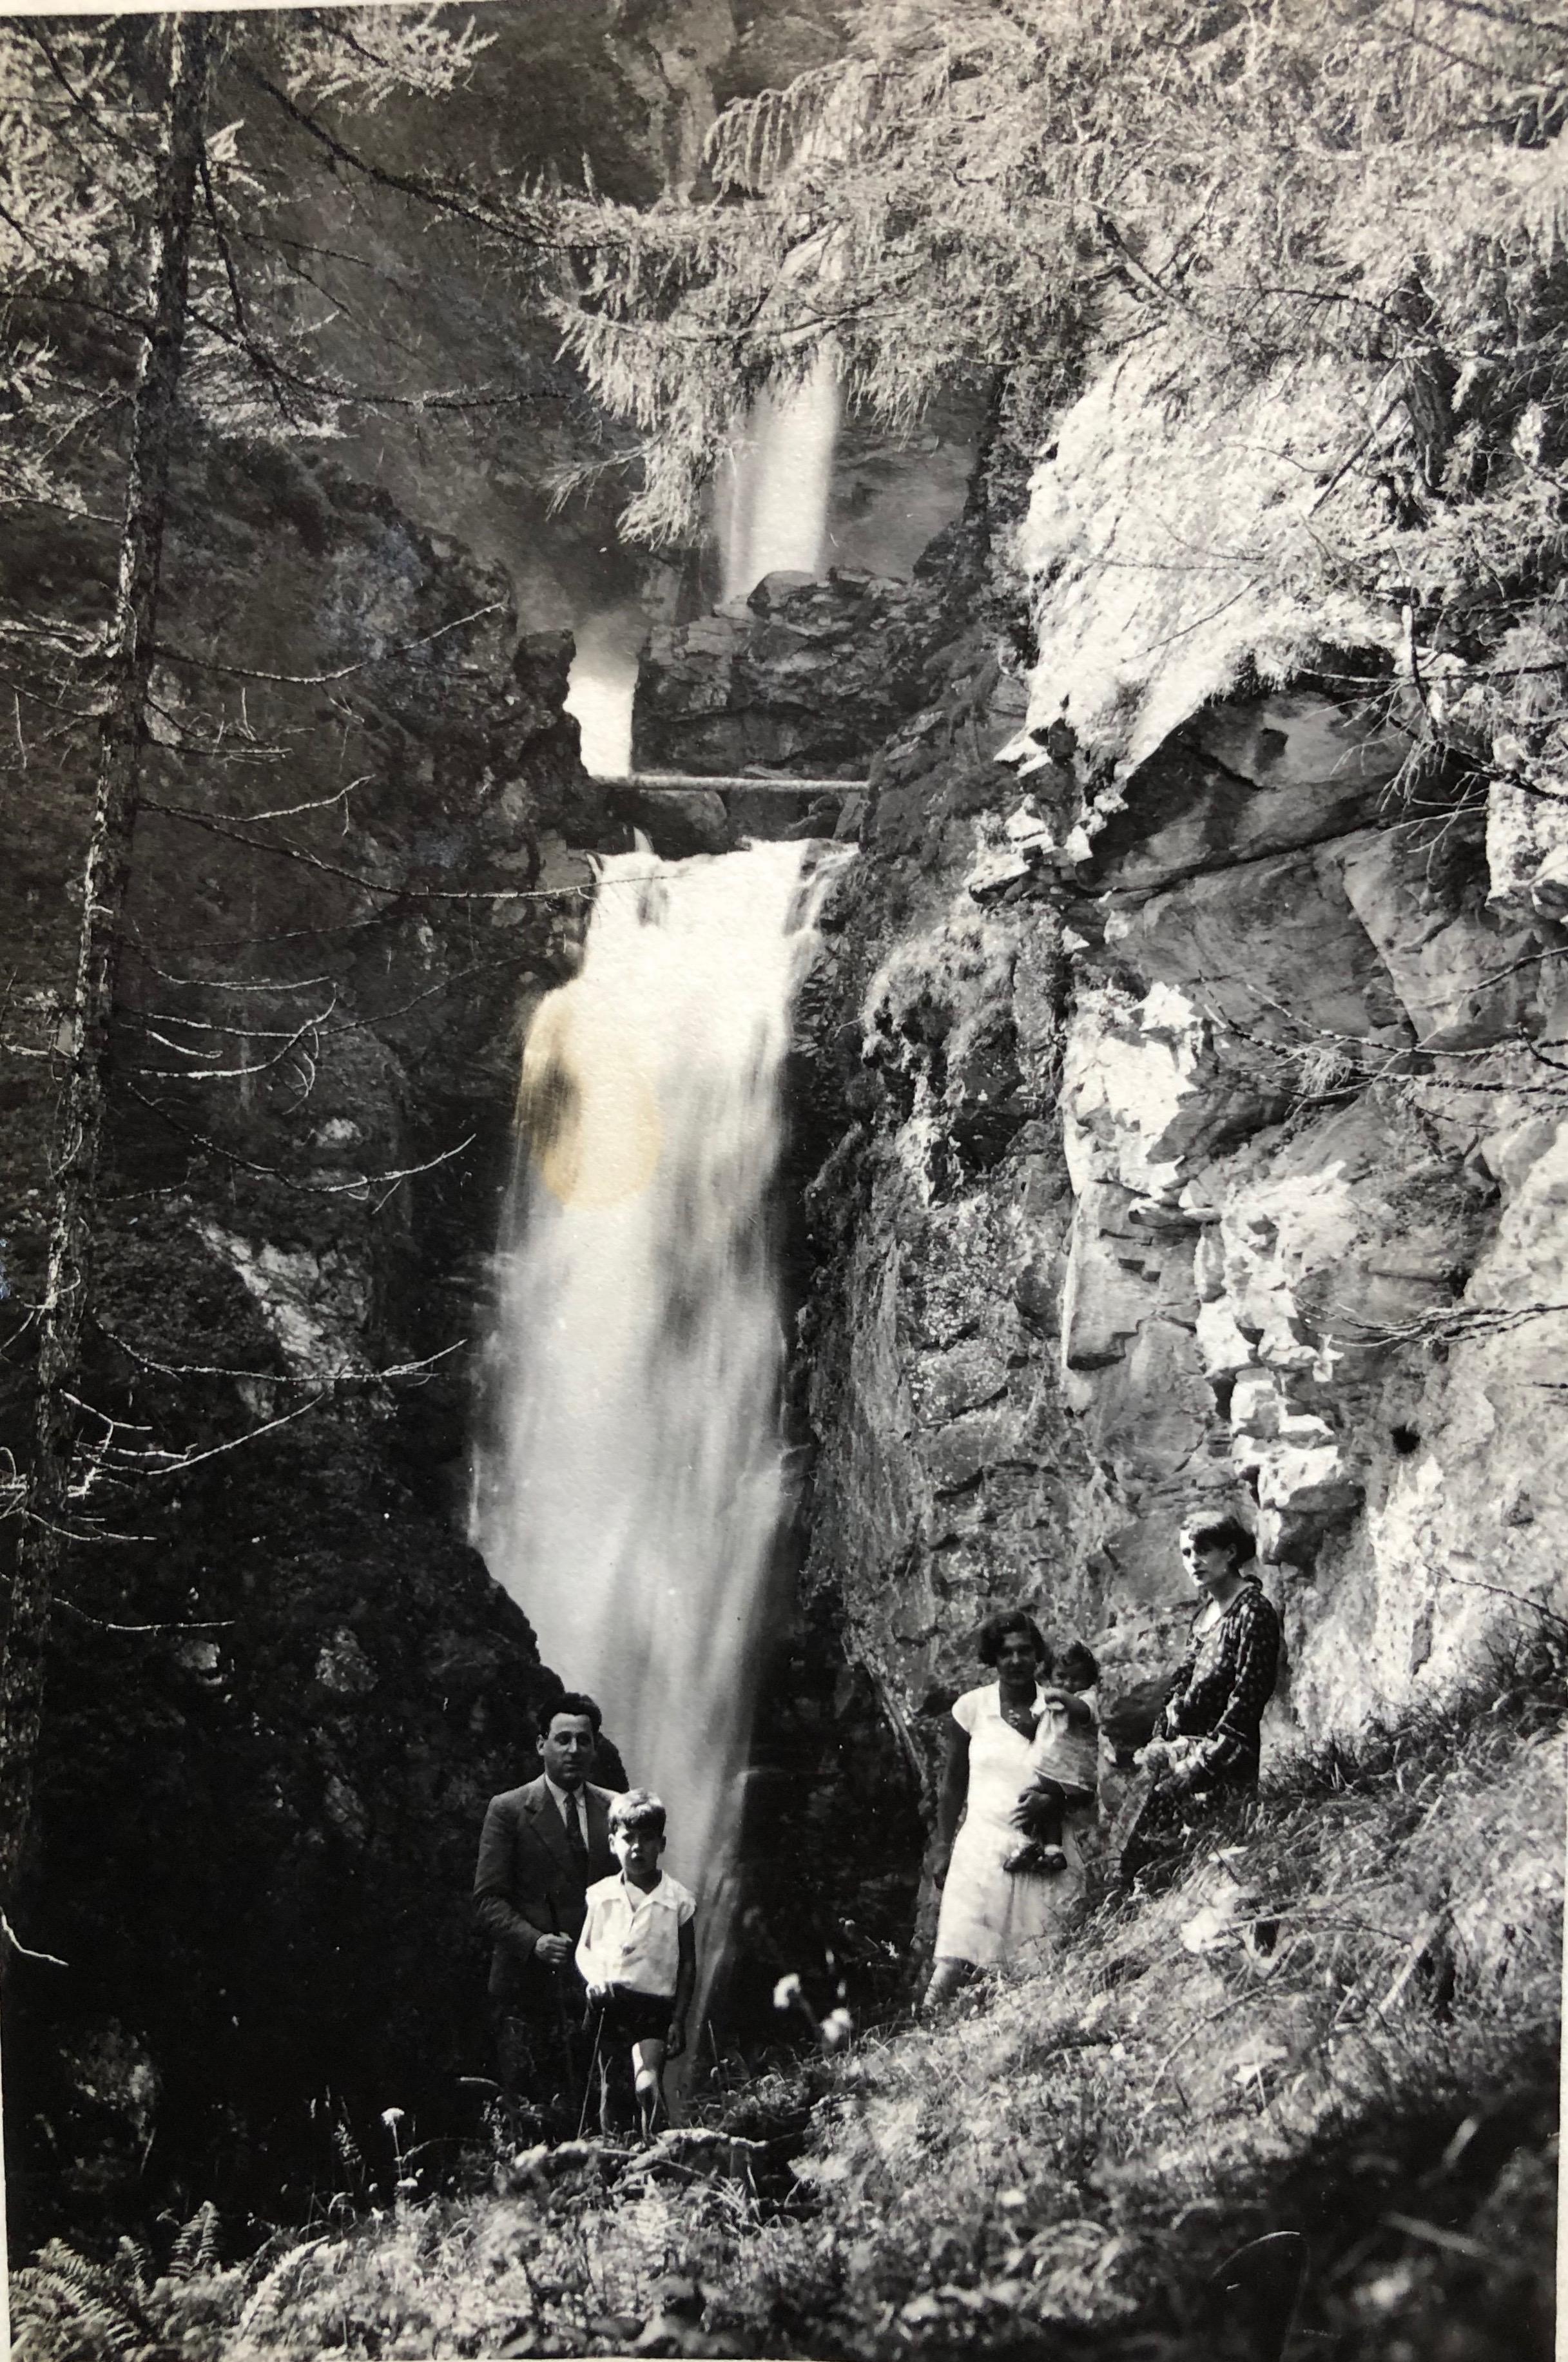 La cascata Piumogna